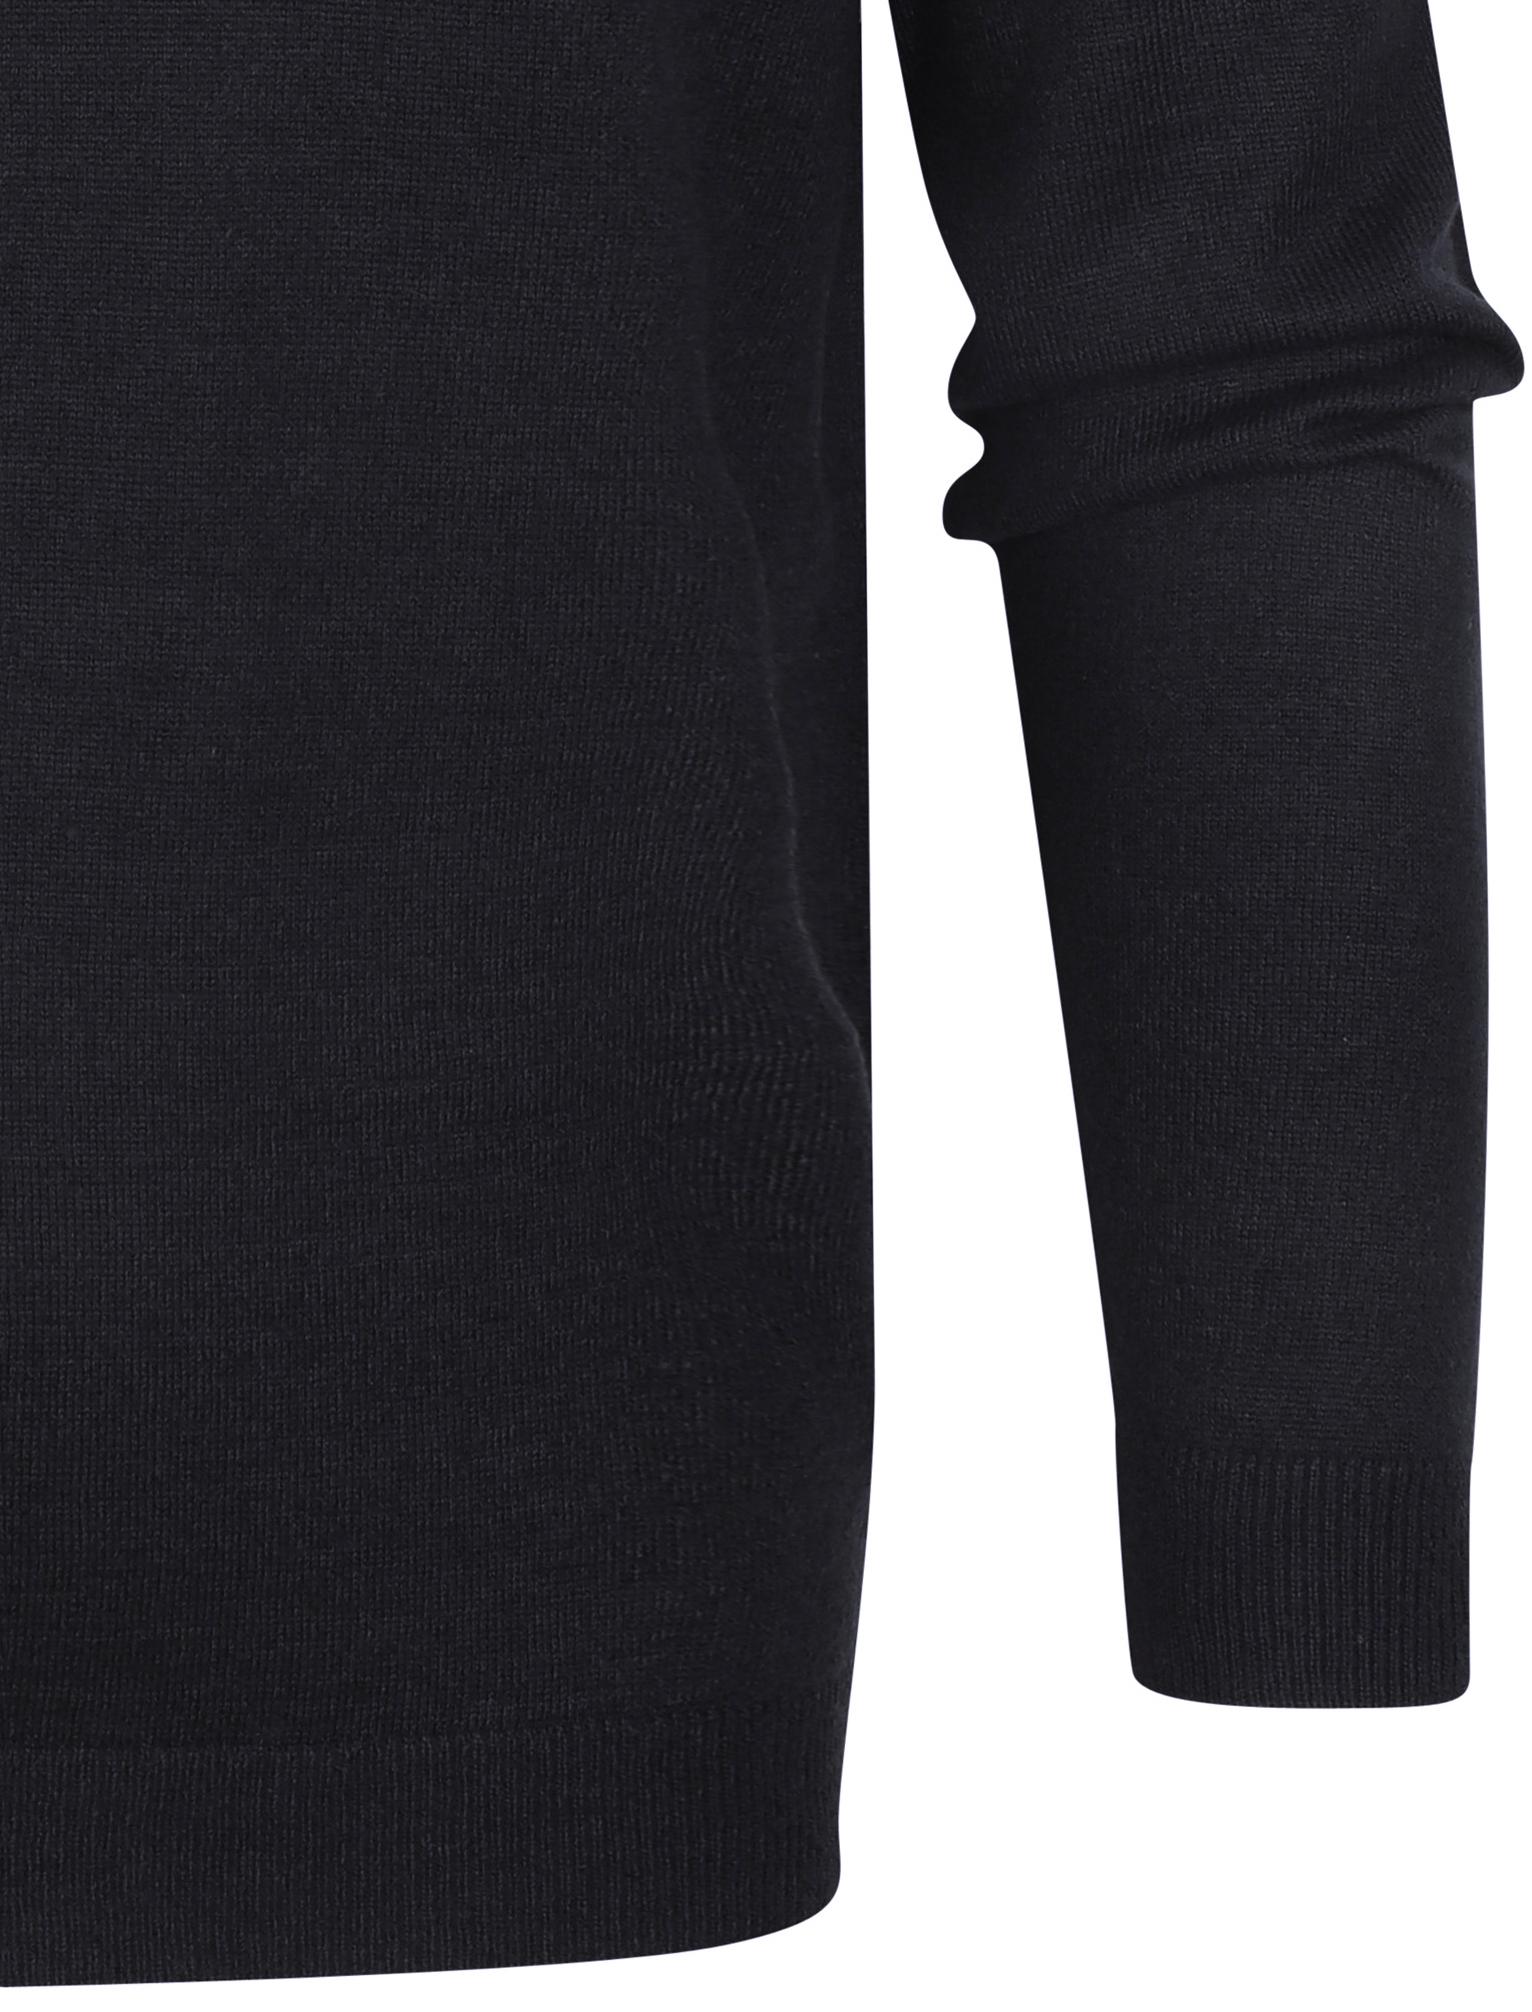 Kensington-Eastside-Men-039-s-Wool-Blend-Knitted-Crew-or-V-Neck-Jumper-Sweater-Top thumbnail 29